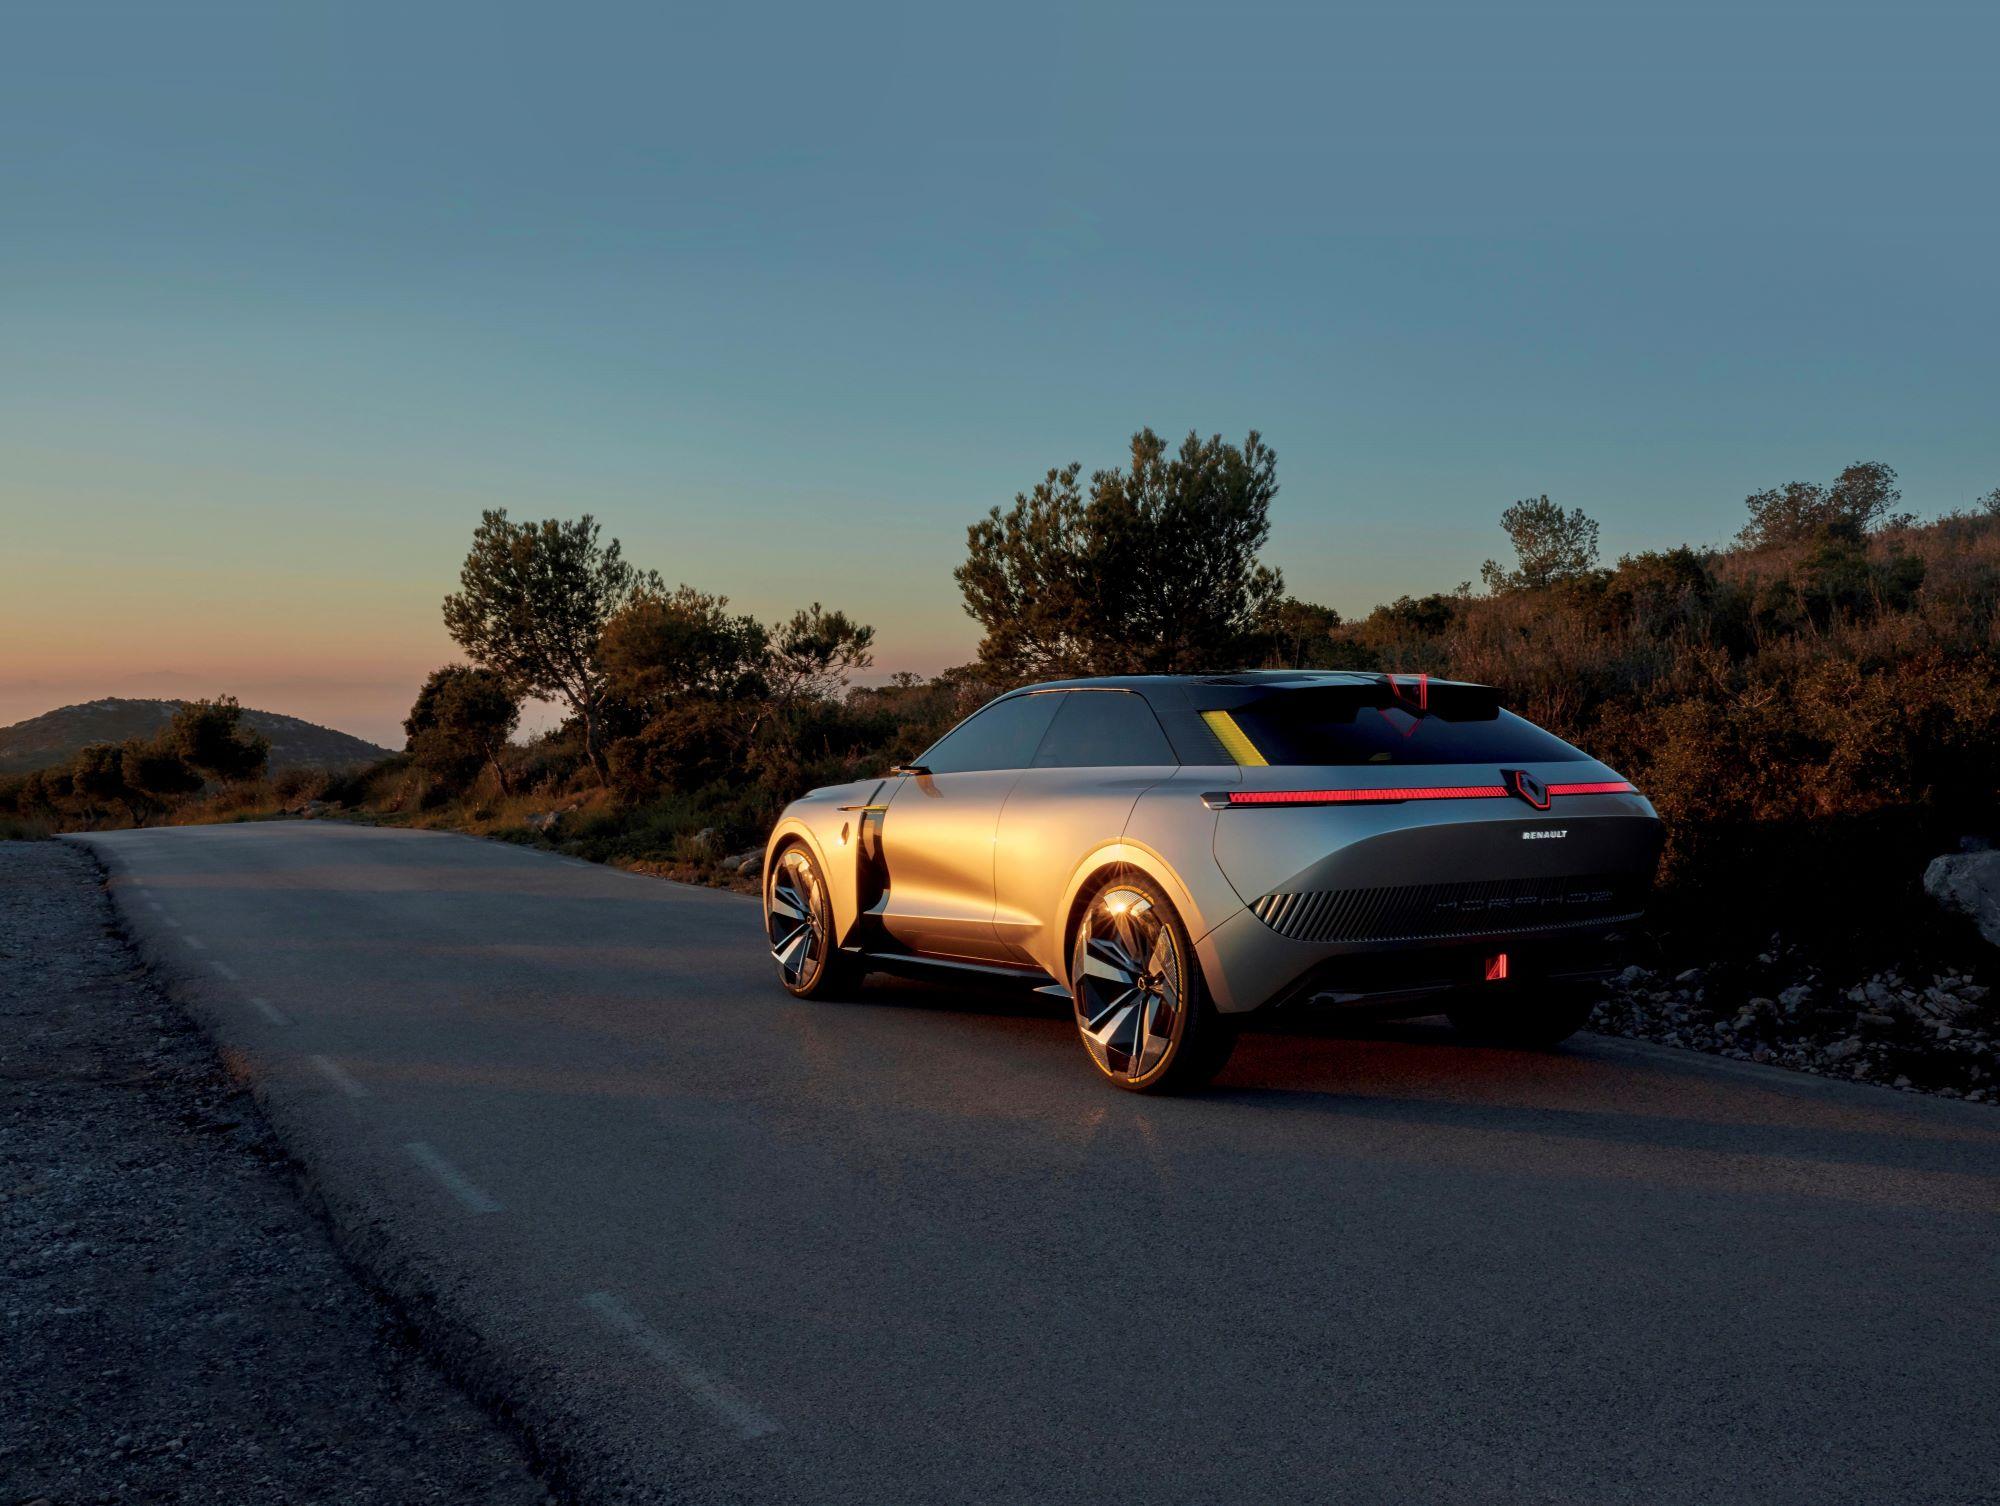 Renault concocterait un SUV électrique urbain de 600 km d'autonomie pour 2021